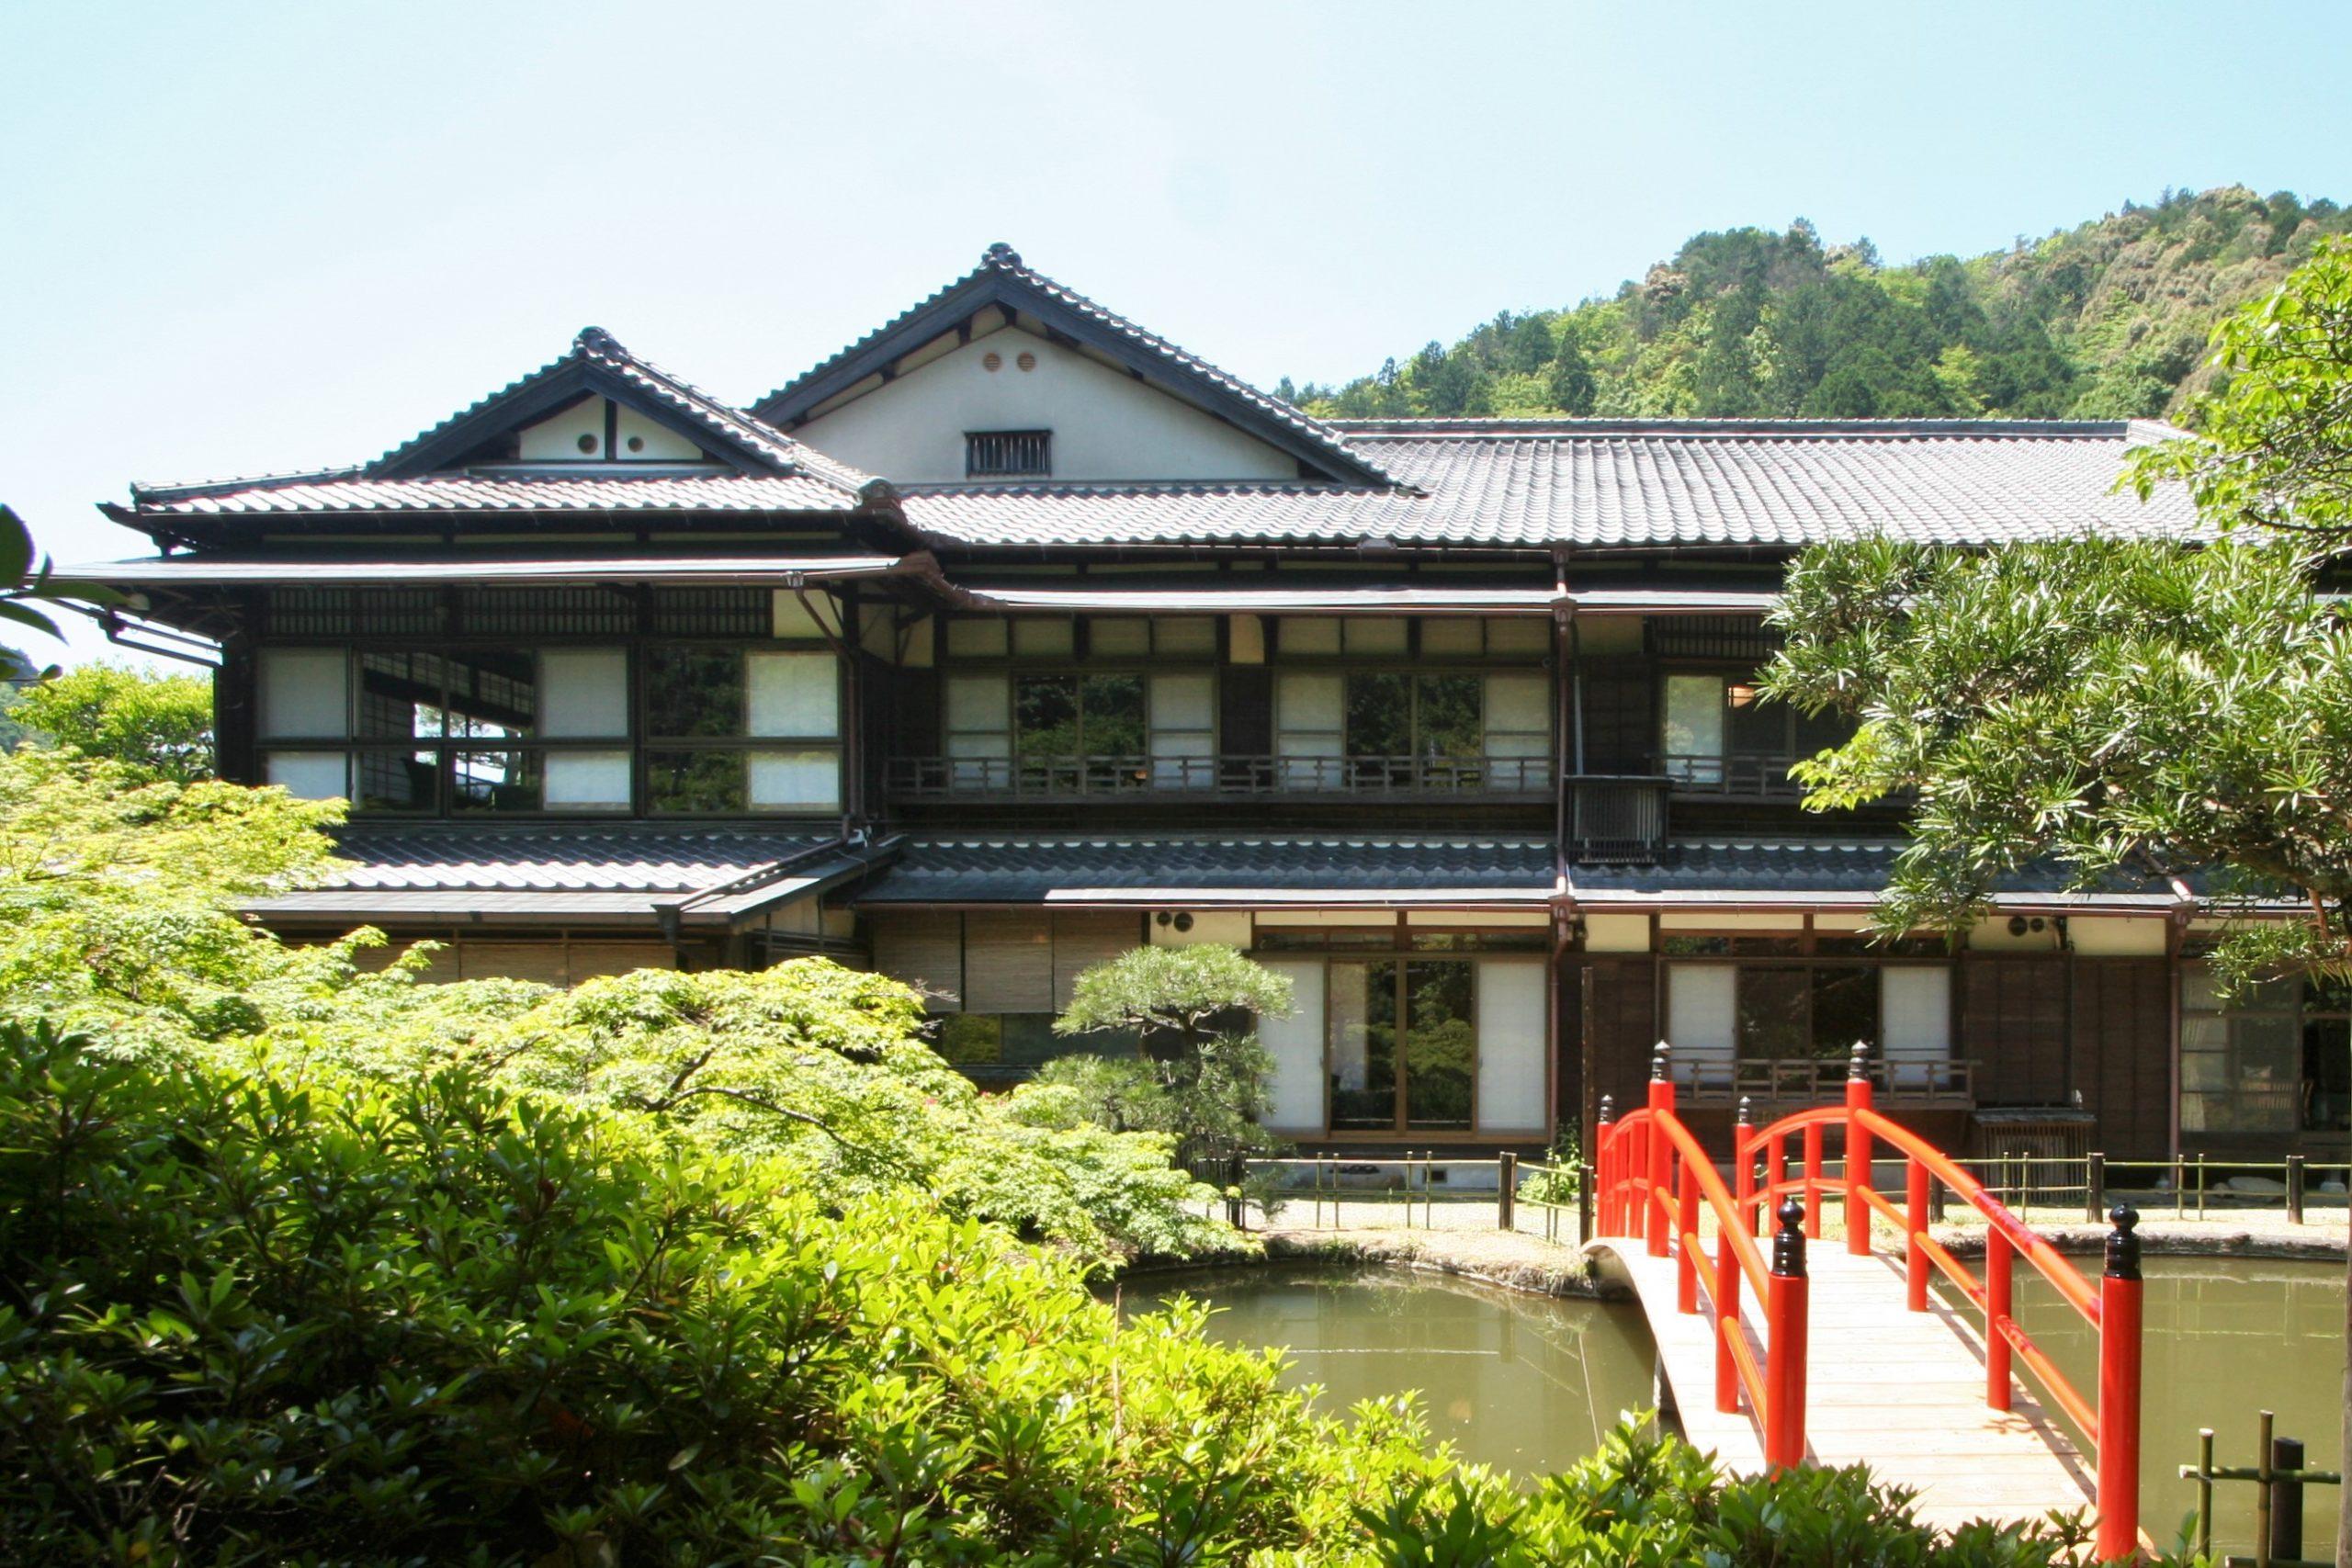 <p>日本庭園から見る本館</p>辰野金吾の和風建築は大変希少であり、現存する代表的なものは奈良ホテル・武雄温泉楼門/新館・南天苑。